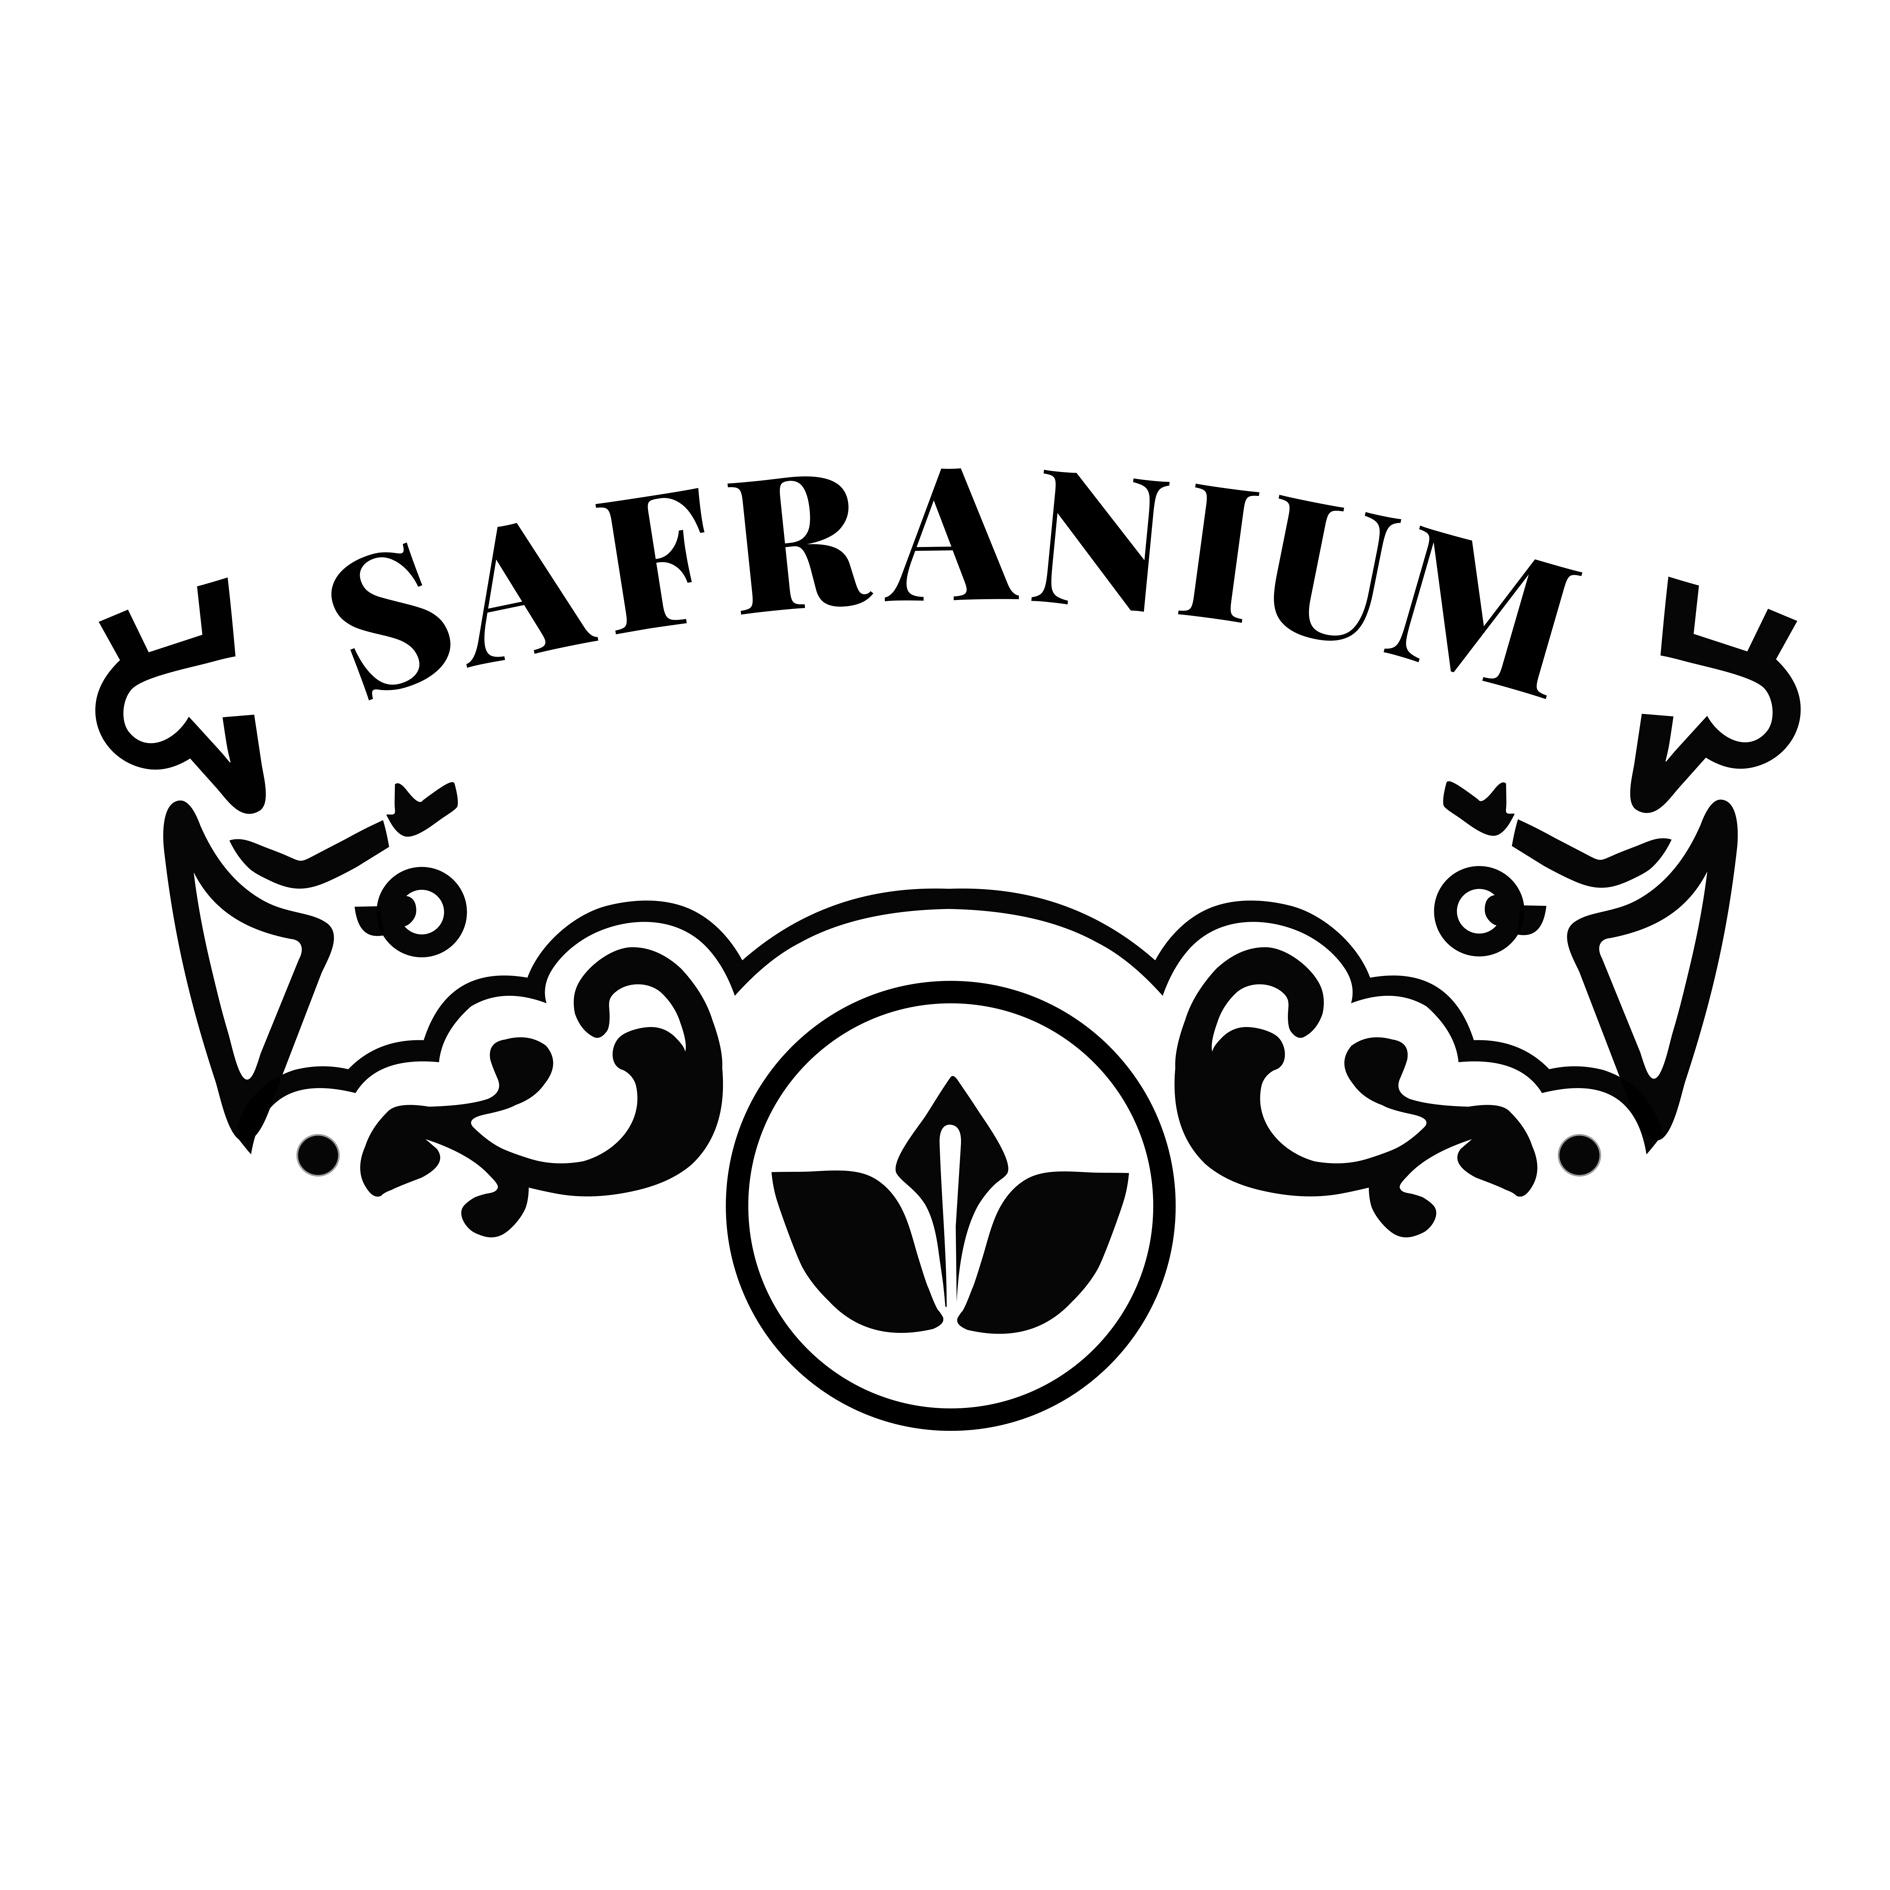 SAFRANIUM